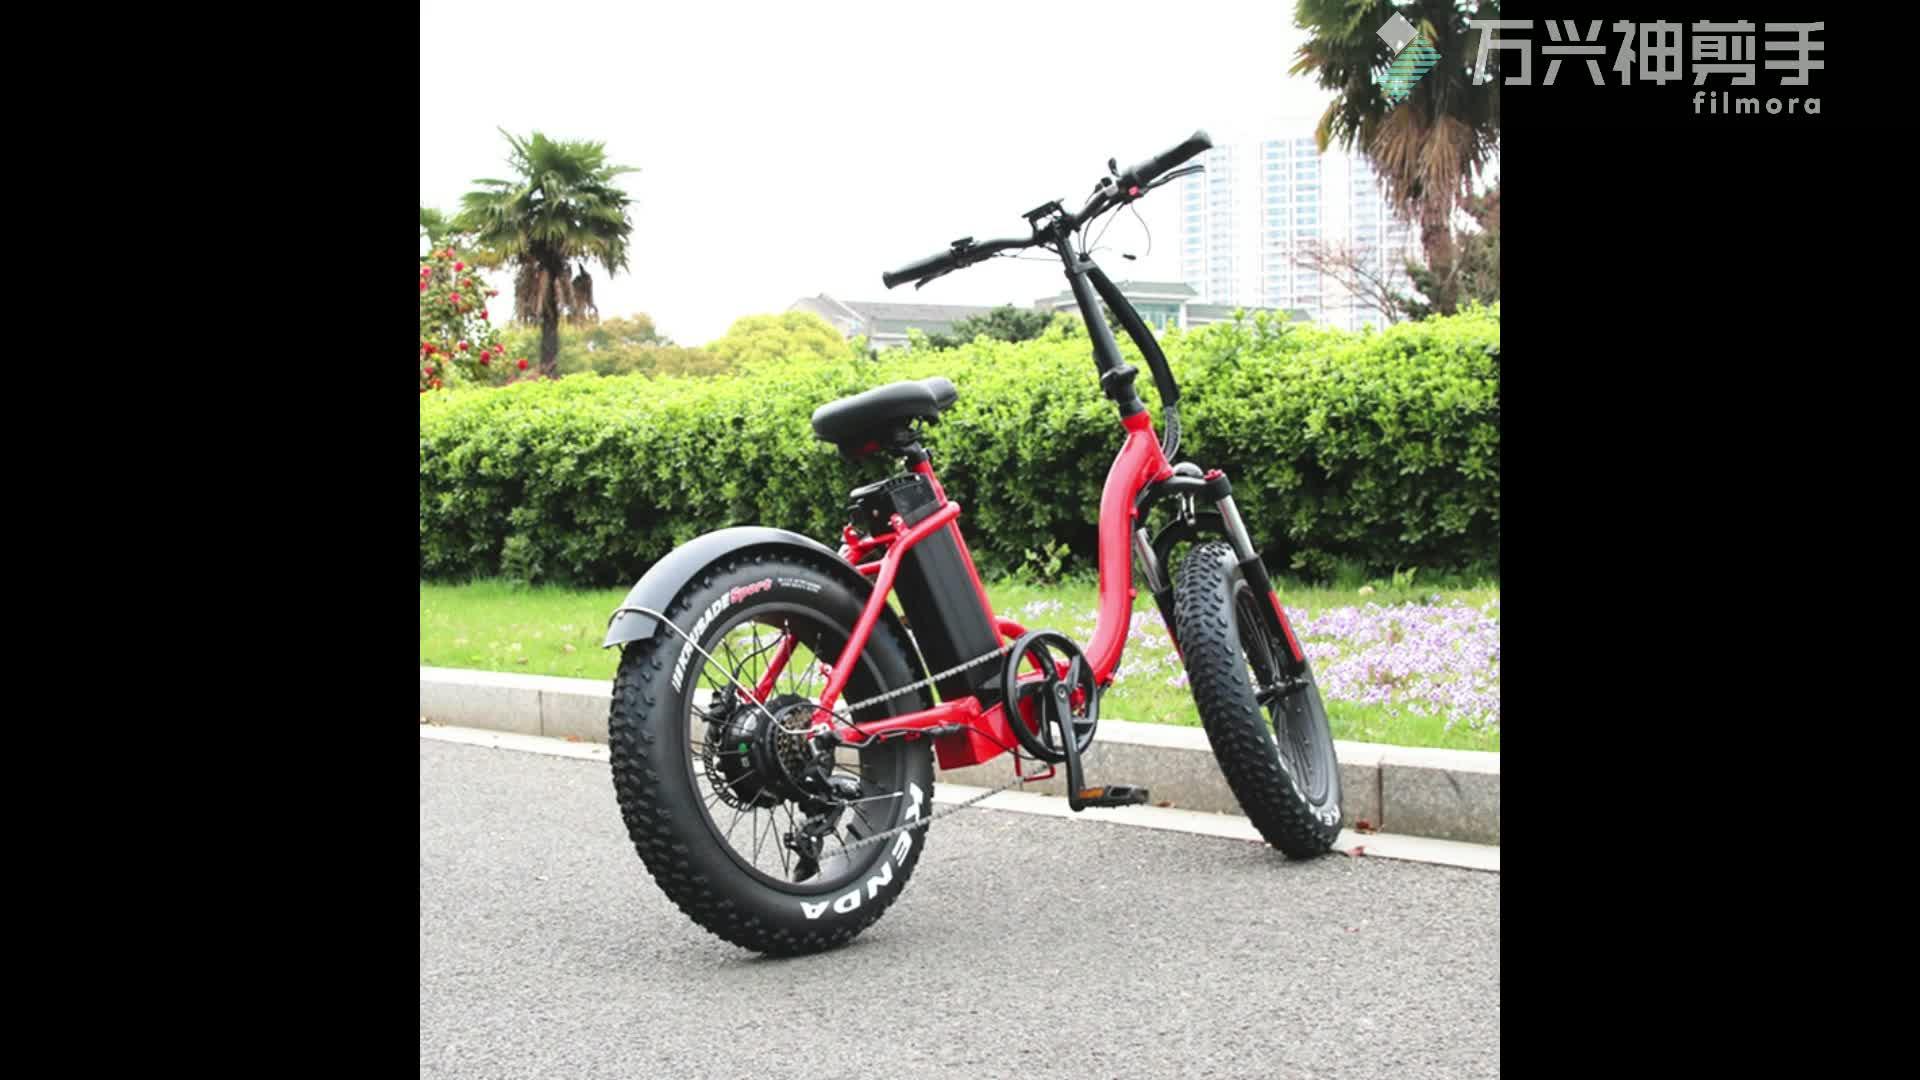 Trung quốc tốt nhất điện xe máy xe đạp 48 V 750 W xe đạp điện 20 ''mini trọng lượng nhẹ giá rẻ giá ebike